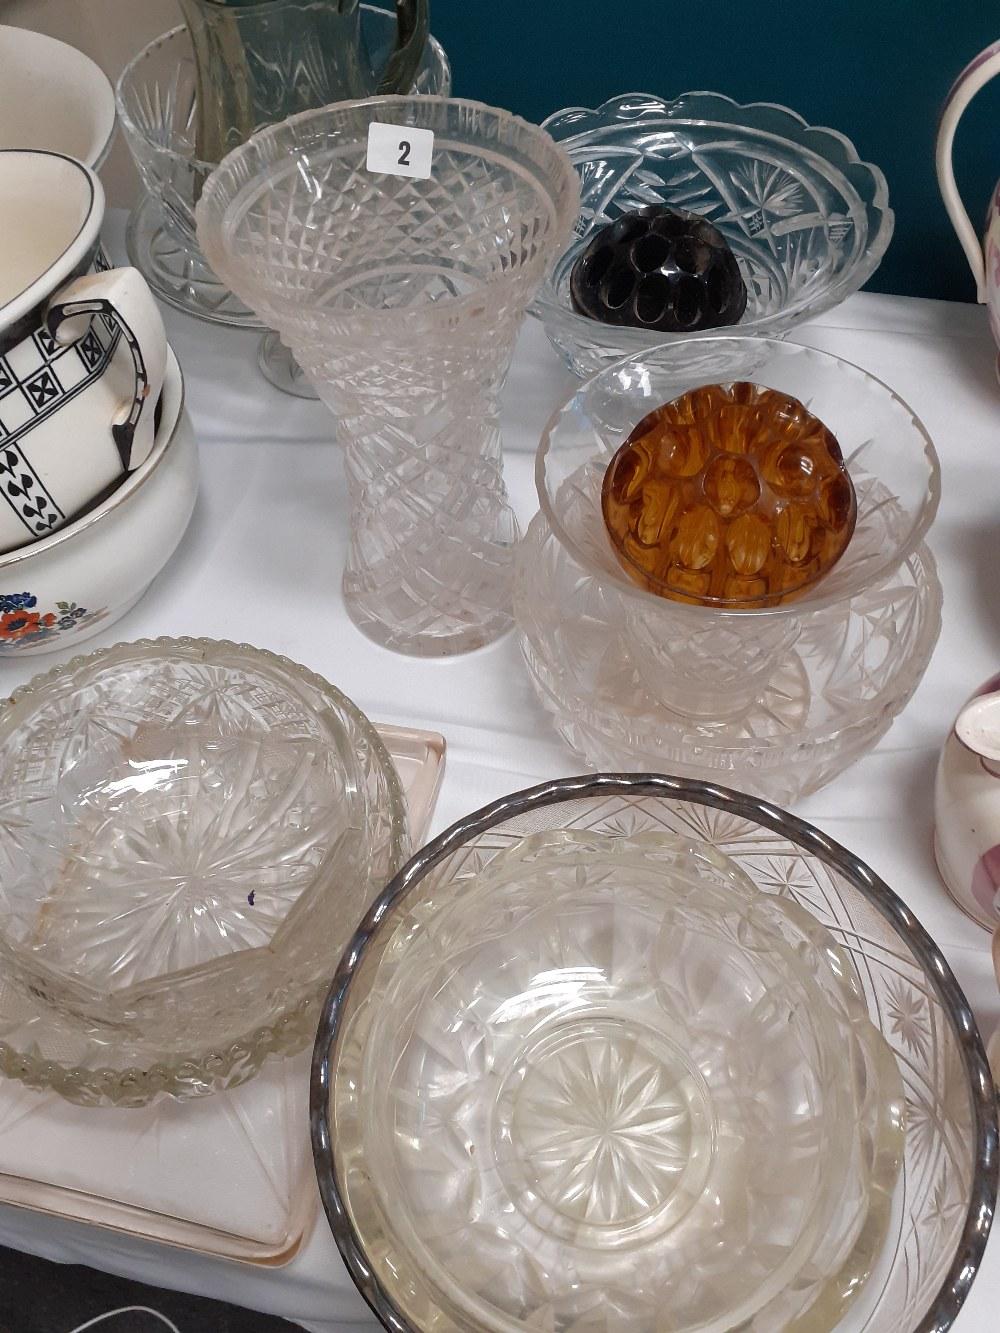 CUT GLASS VASE,BOWLS ETC (12)